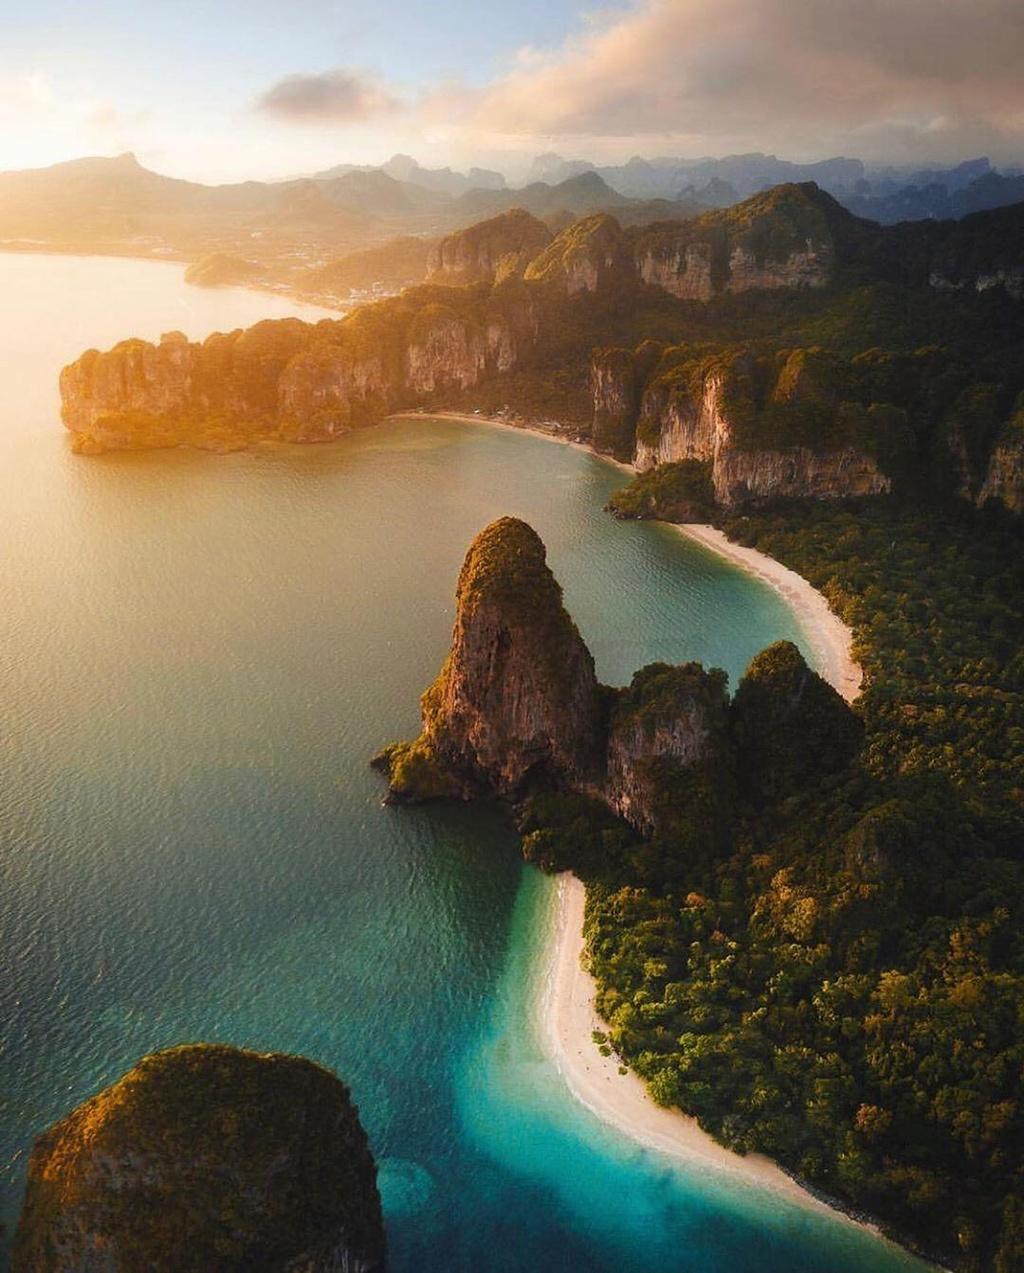 Krabi va nhung bai bien dep nhat Thai Lan hinh anh 1